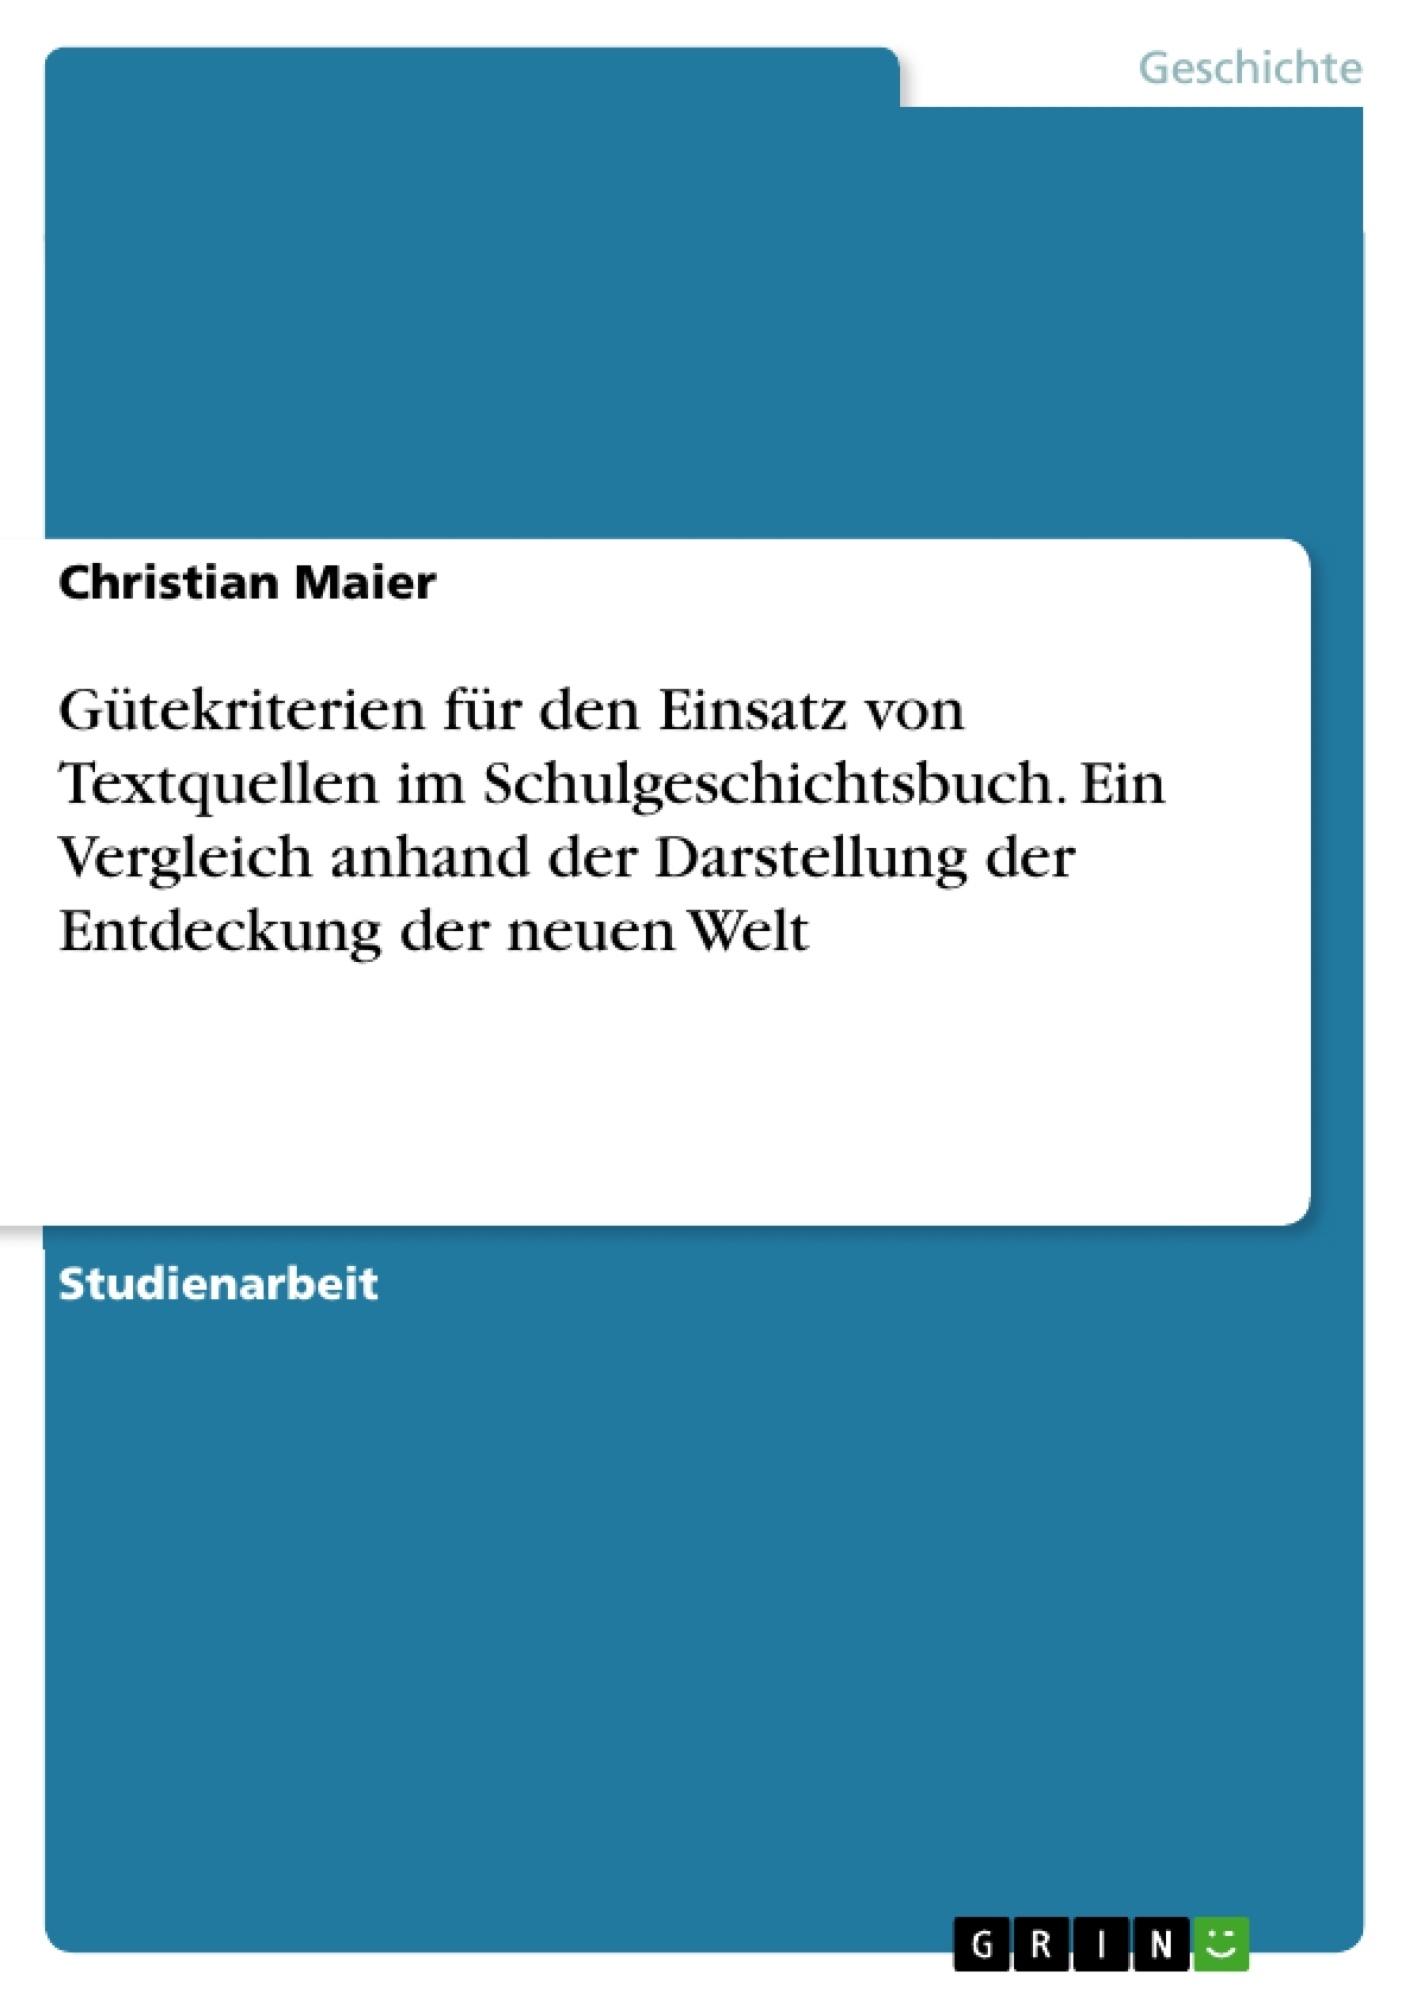 Titel: Gütekriterien für den Einsatz von Textquellen im Schulgeschichtsbuch. Ein Vergleich anhand der Darstellung der Entdeckung der neuen Welt